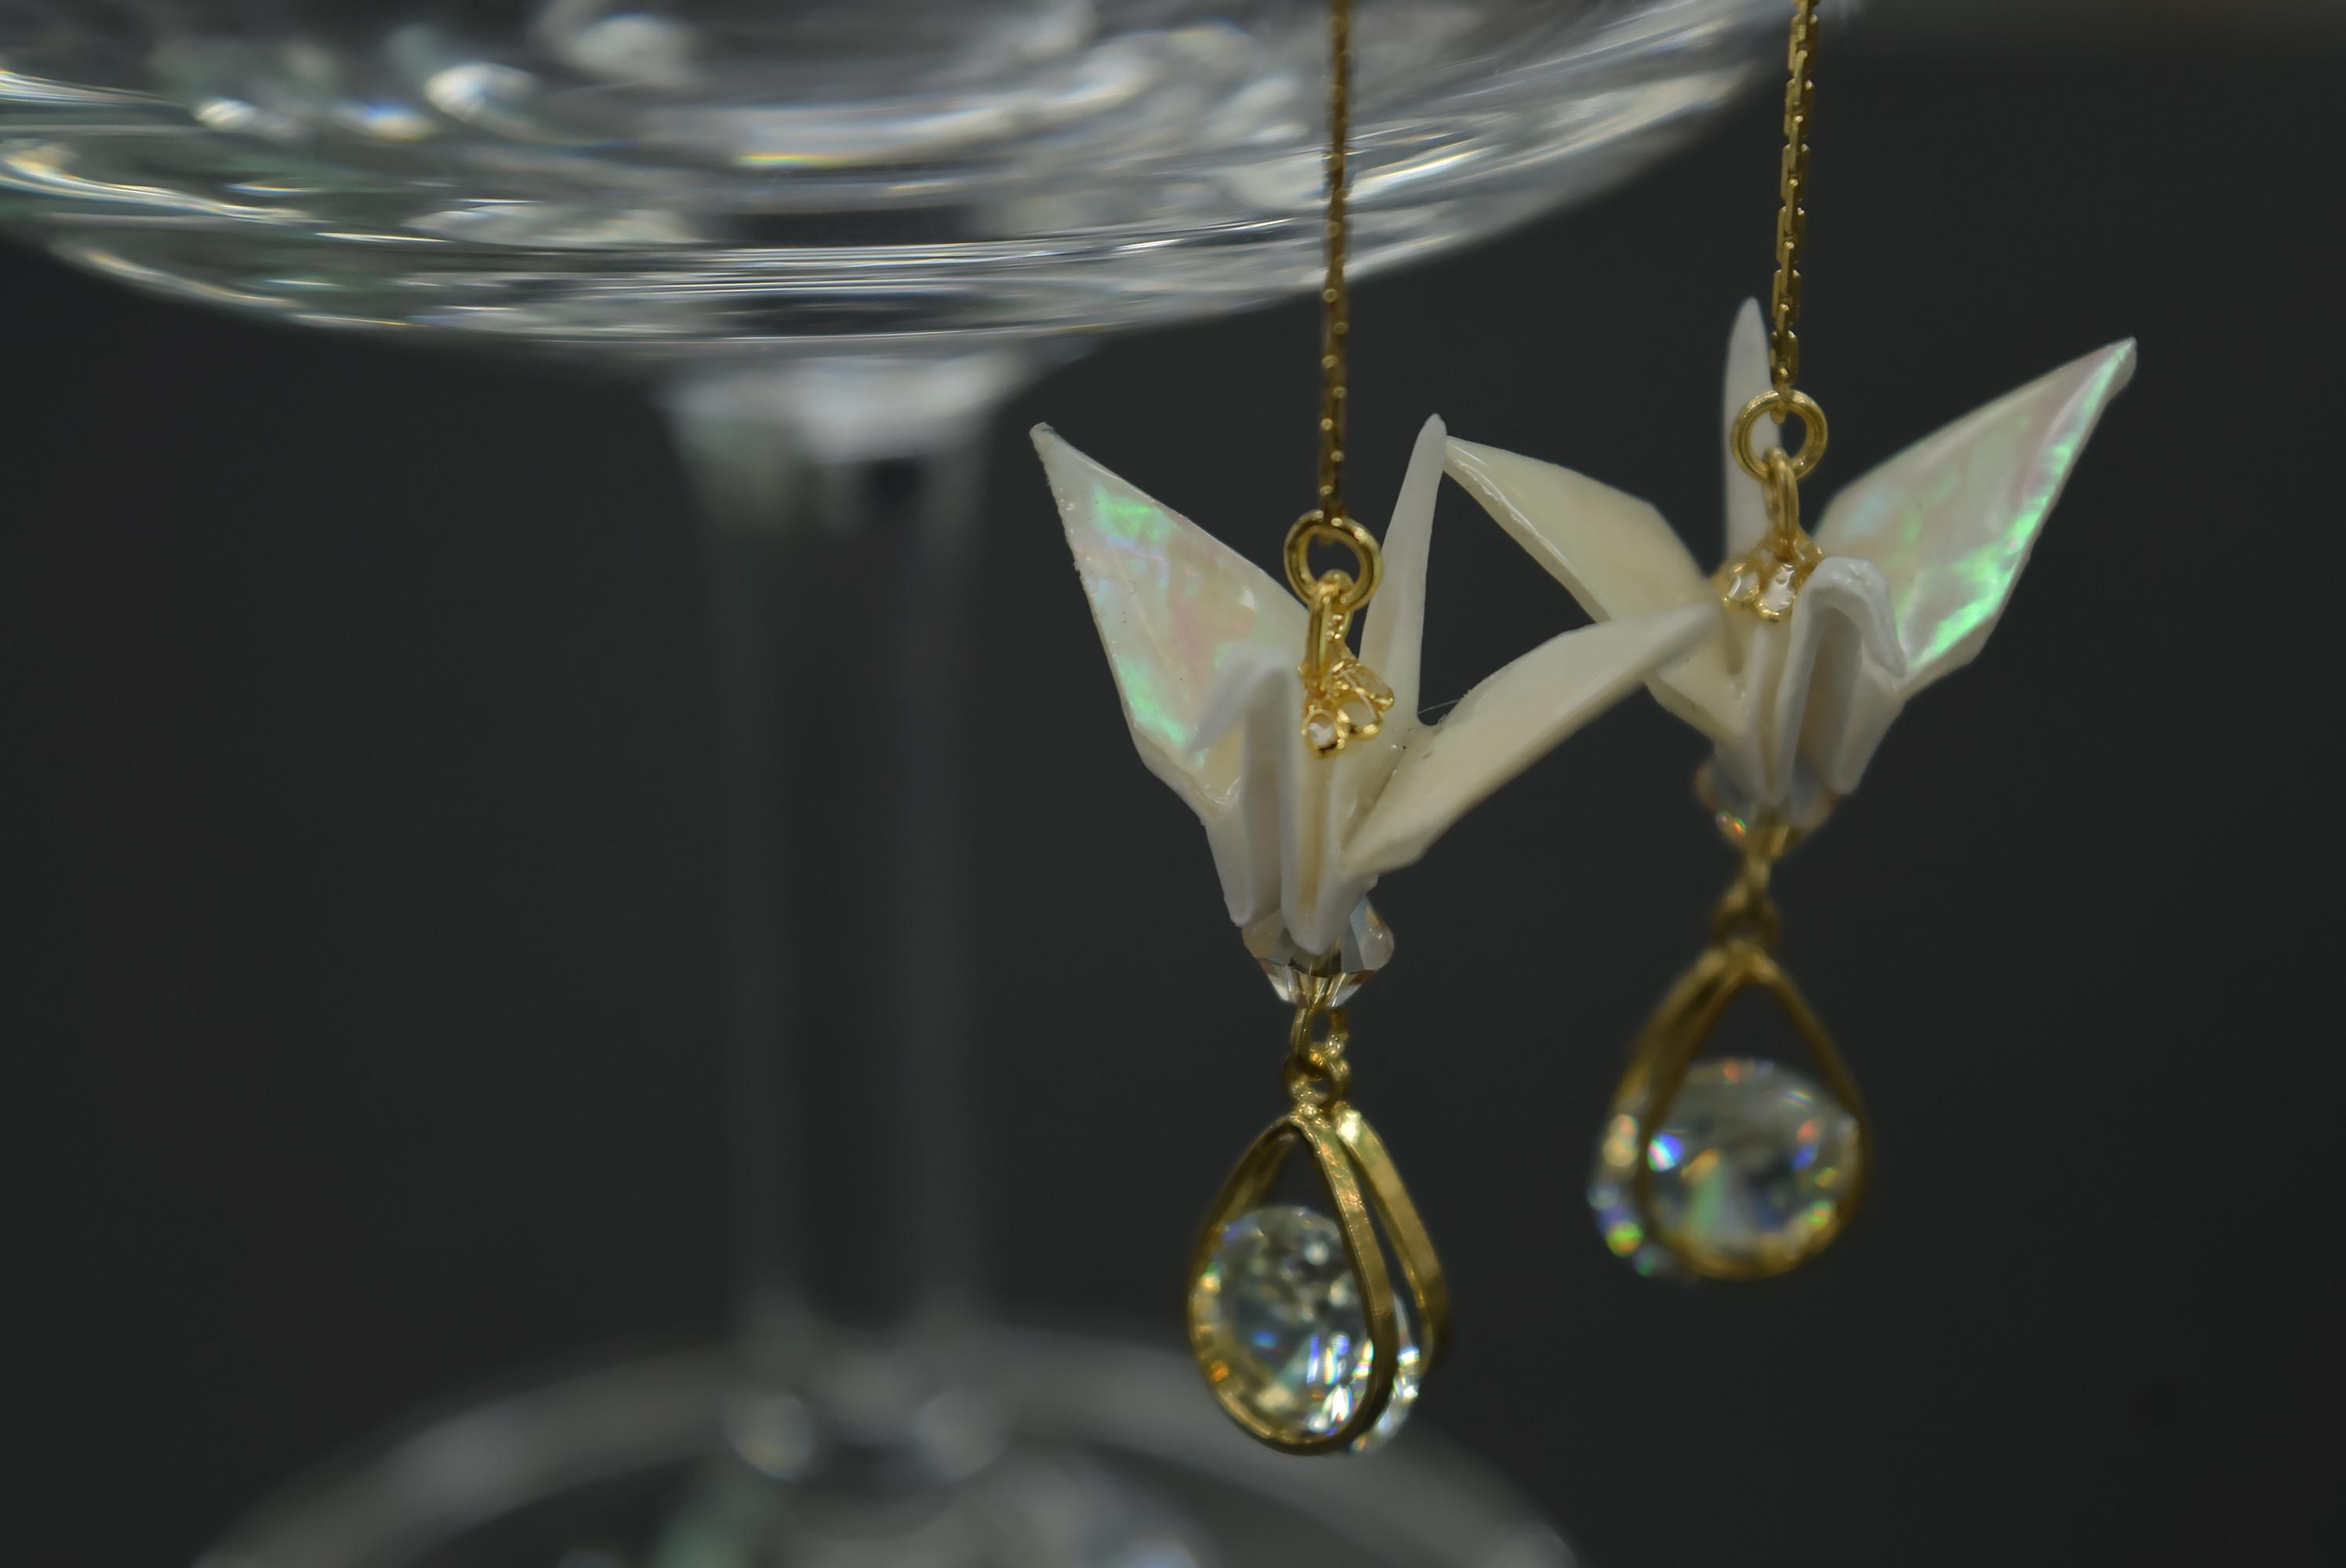 折り鶴に吹き込まれた光...螺鈿鶴...